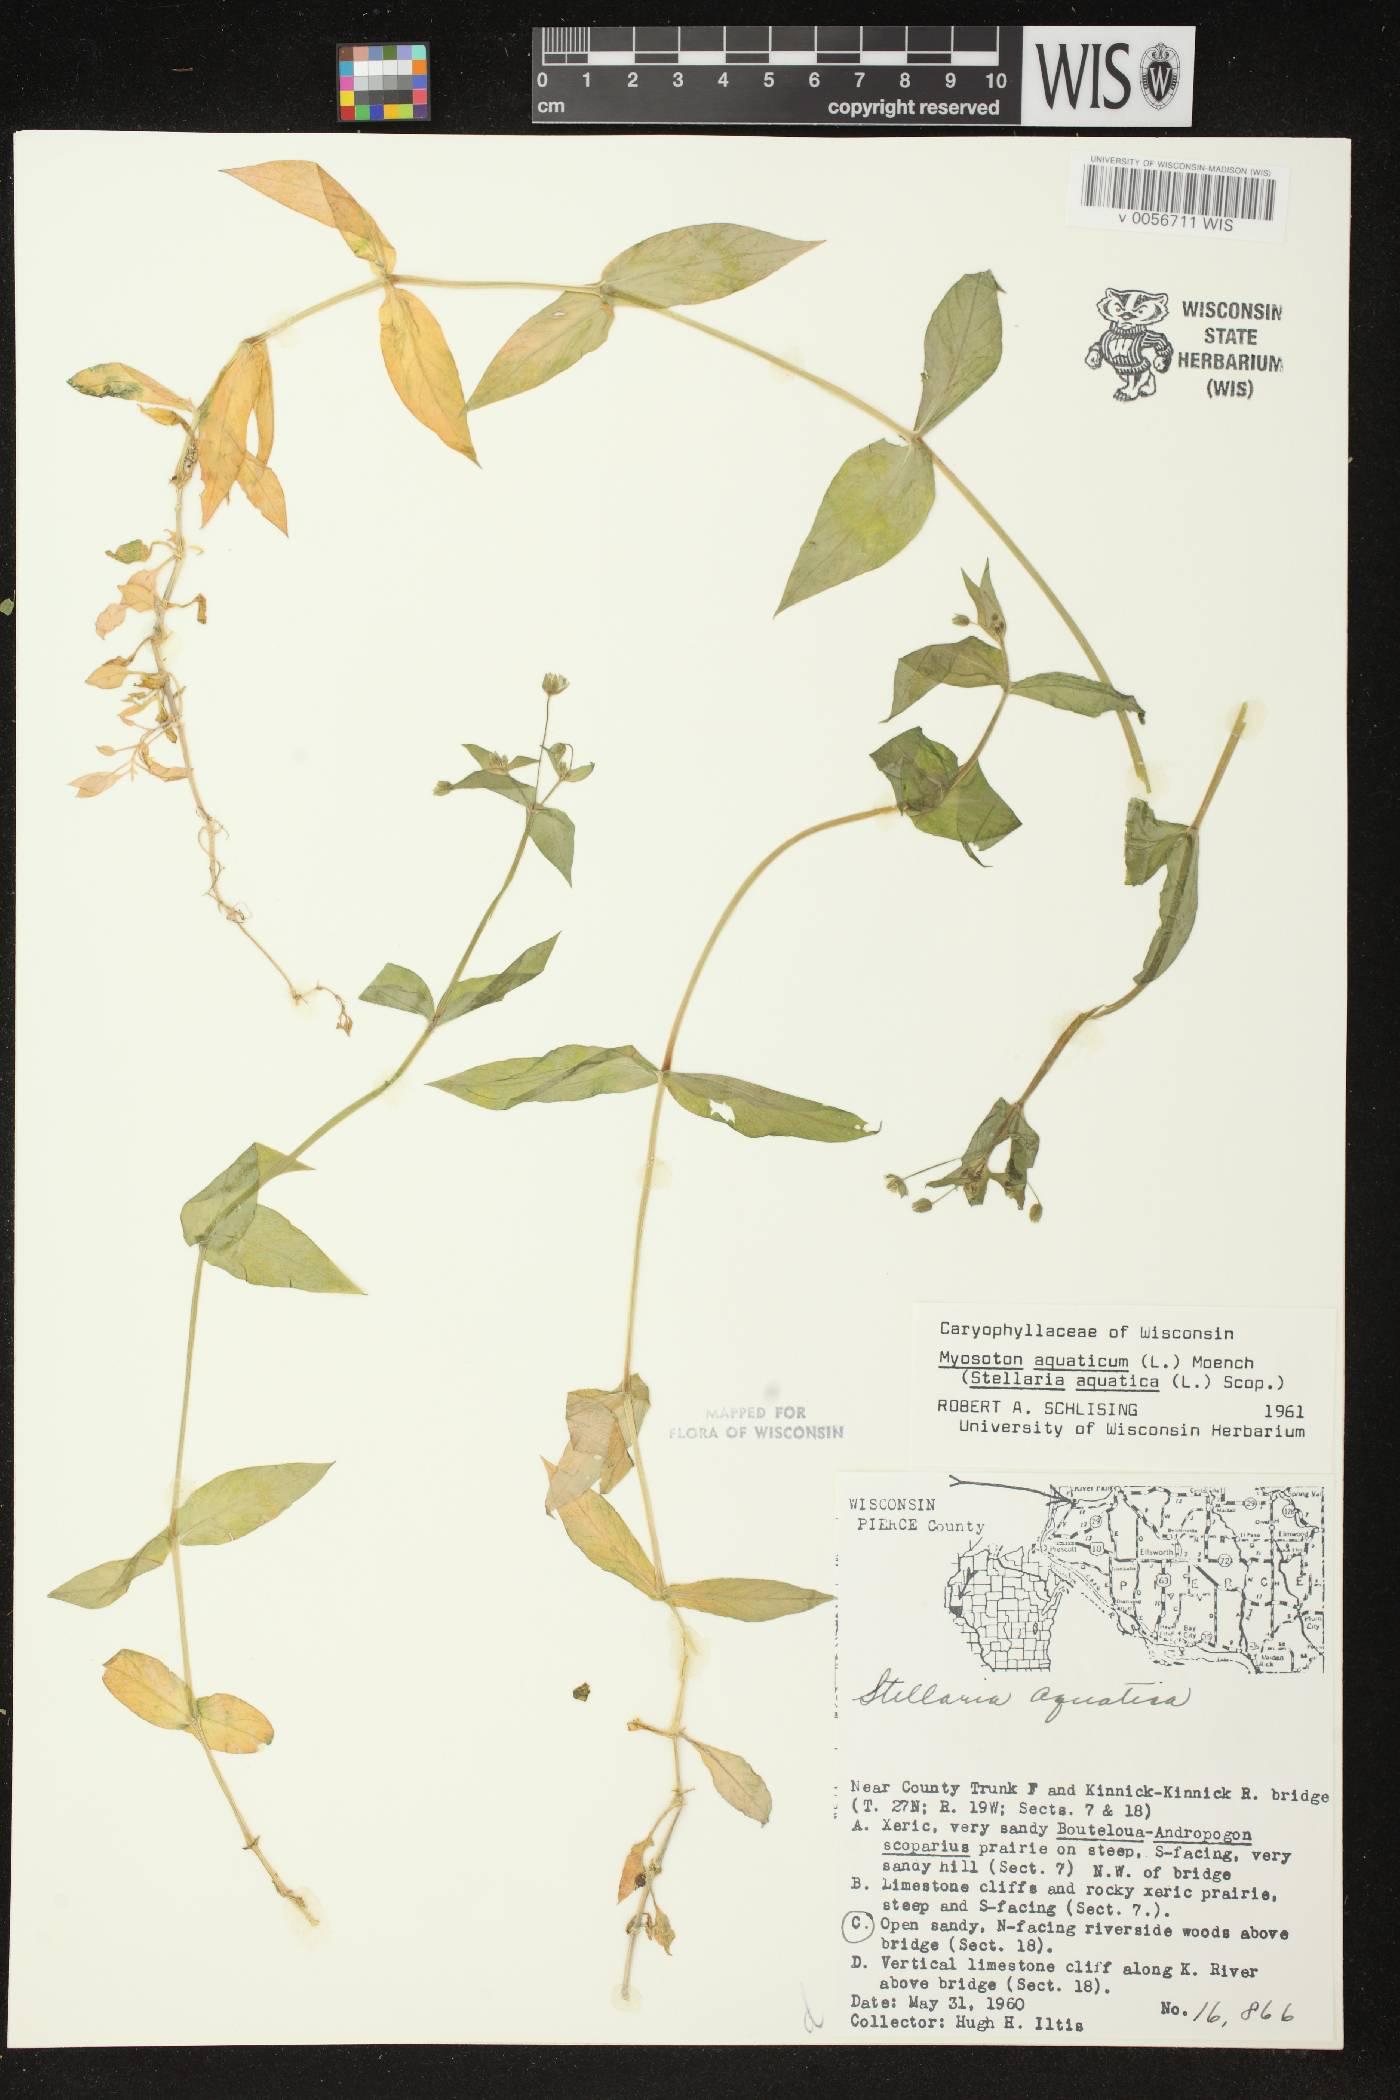 Myosoton aquaticum image